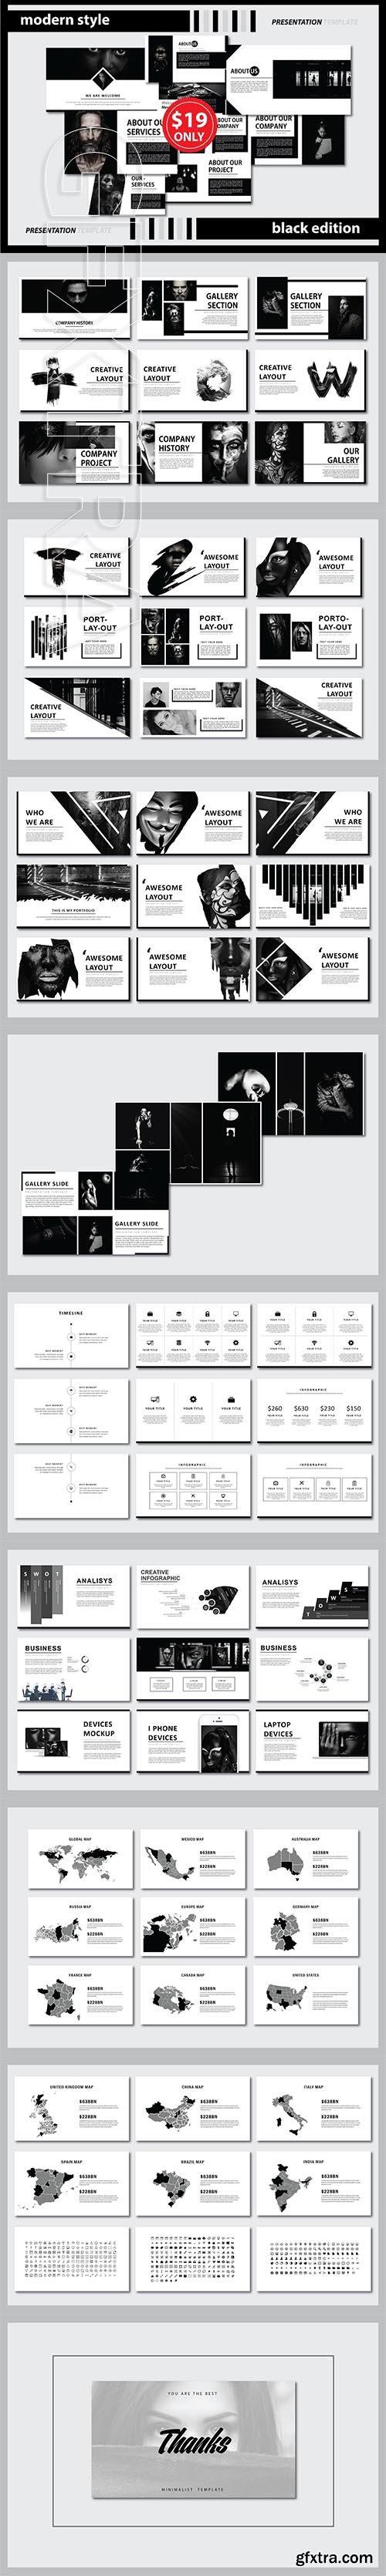 CreativeMarket - Napoleon Powerpoint Template 2682286